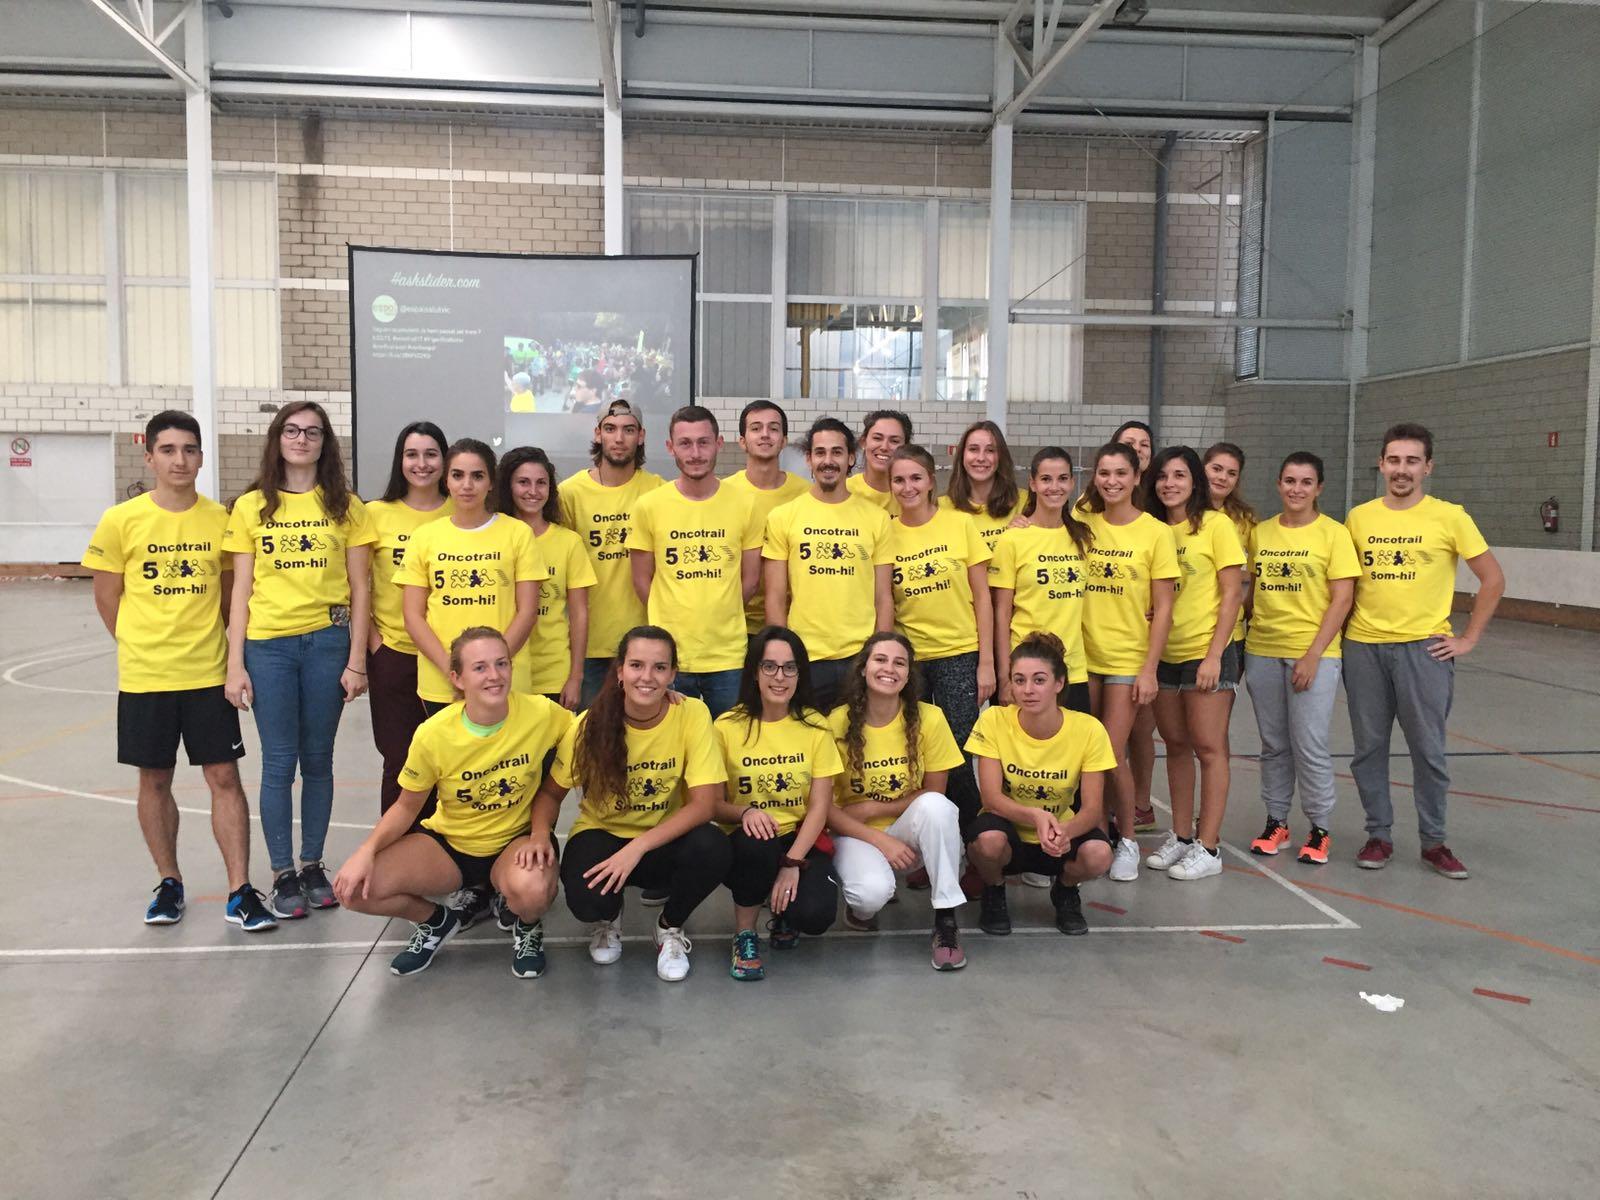 L'Escola Universitària de la Salut i l'Esport destina una cinquantena d'estudiants del grau en Fisioteràpia a Pals, Fitor i Palafrugell, a l'Oncotrail